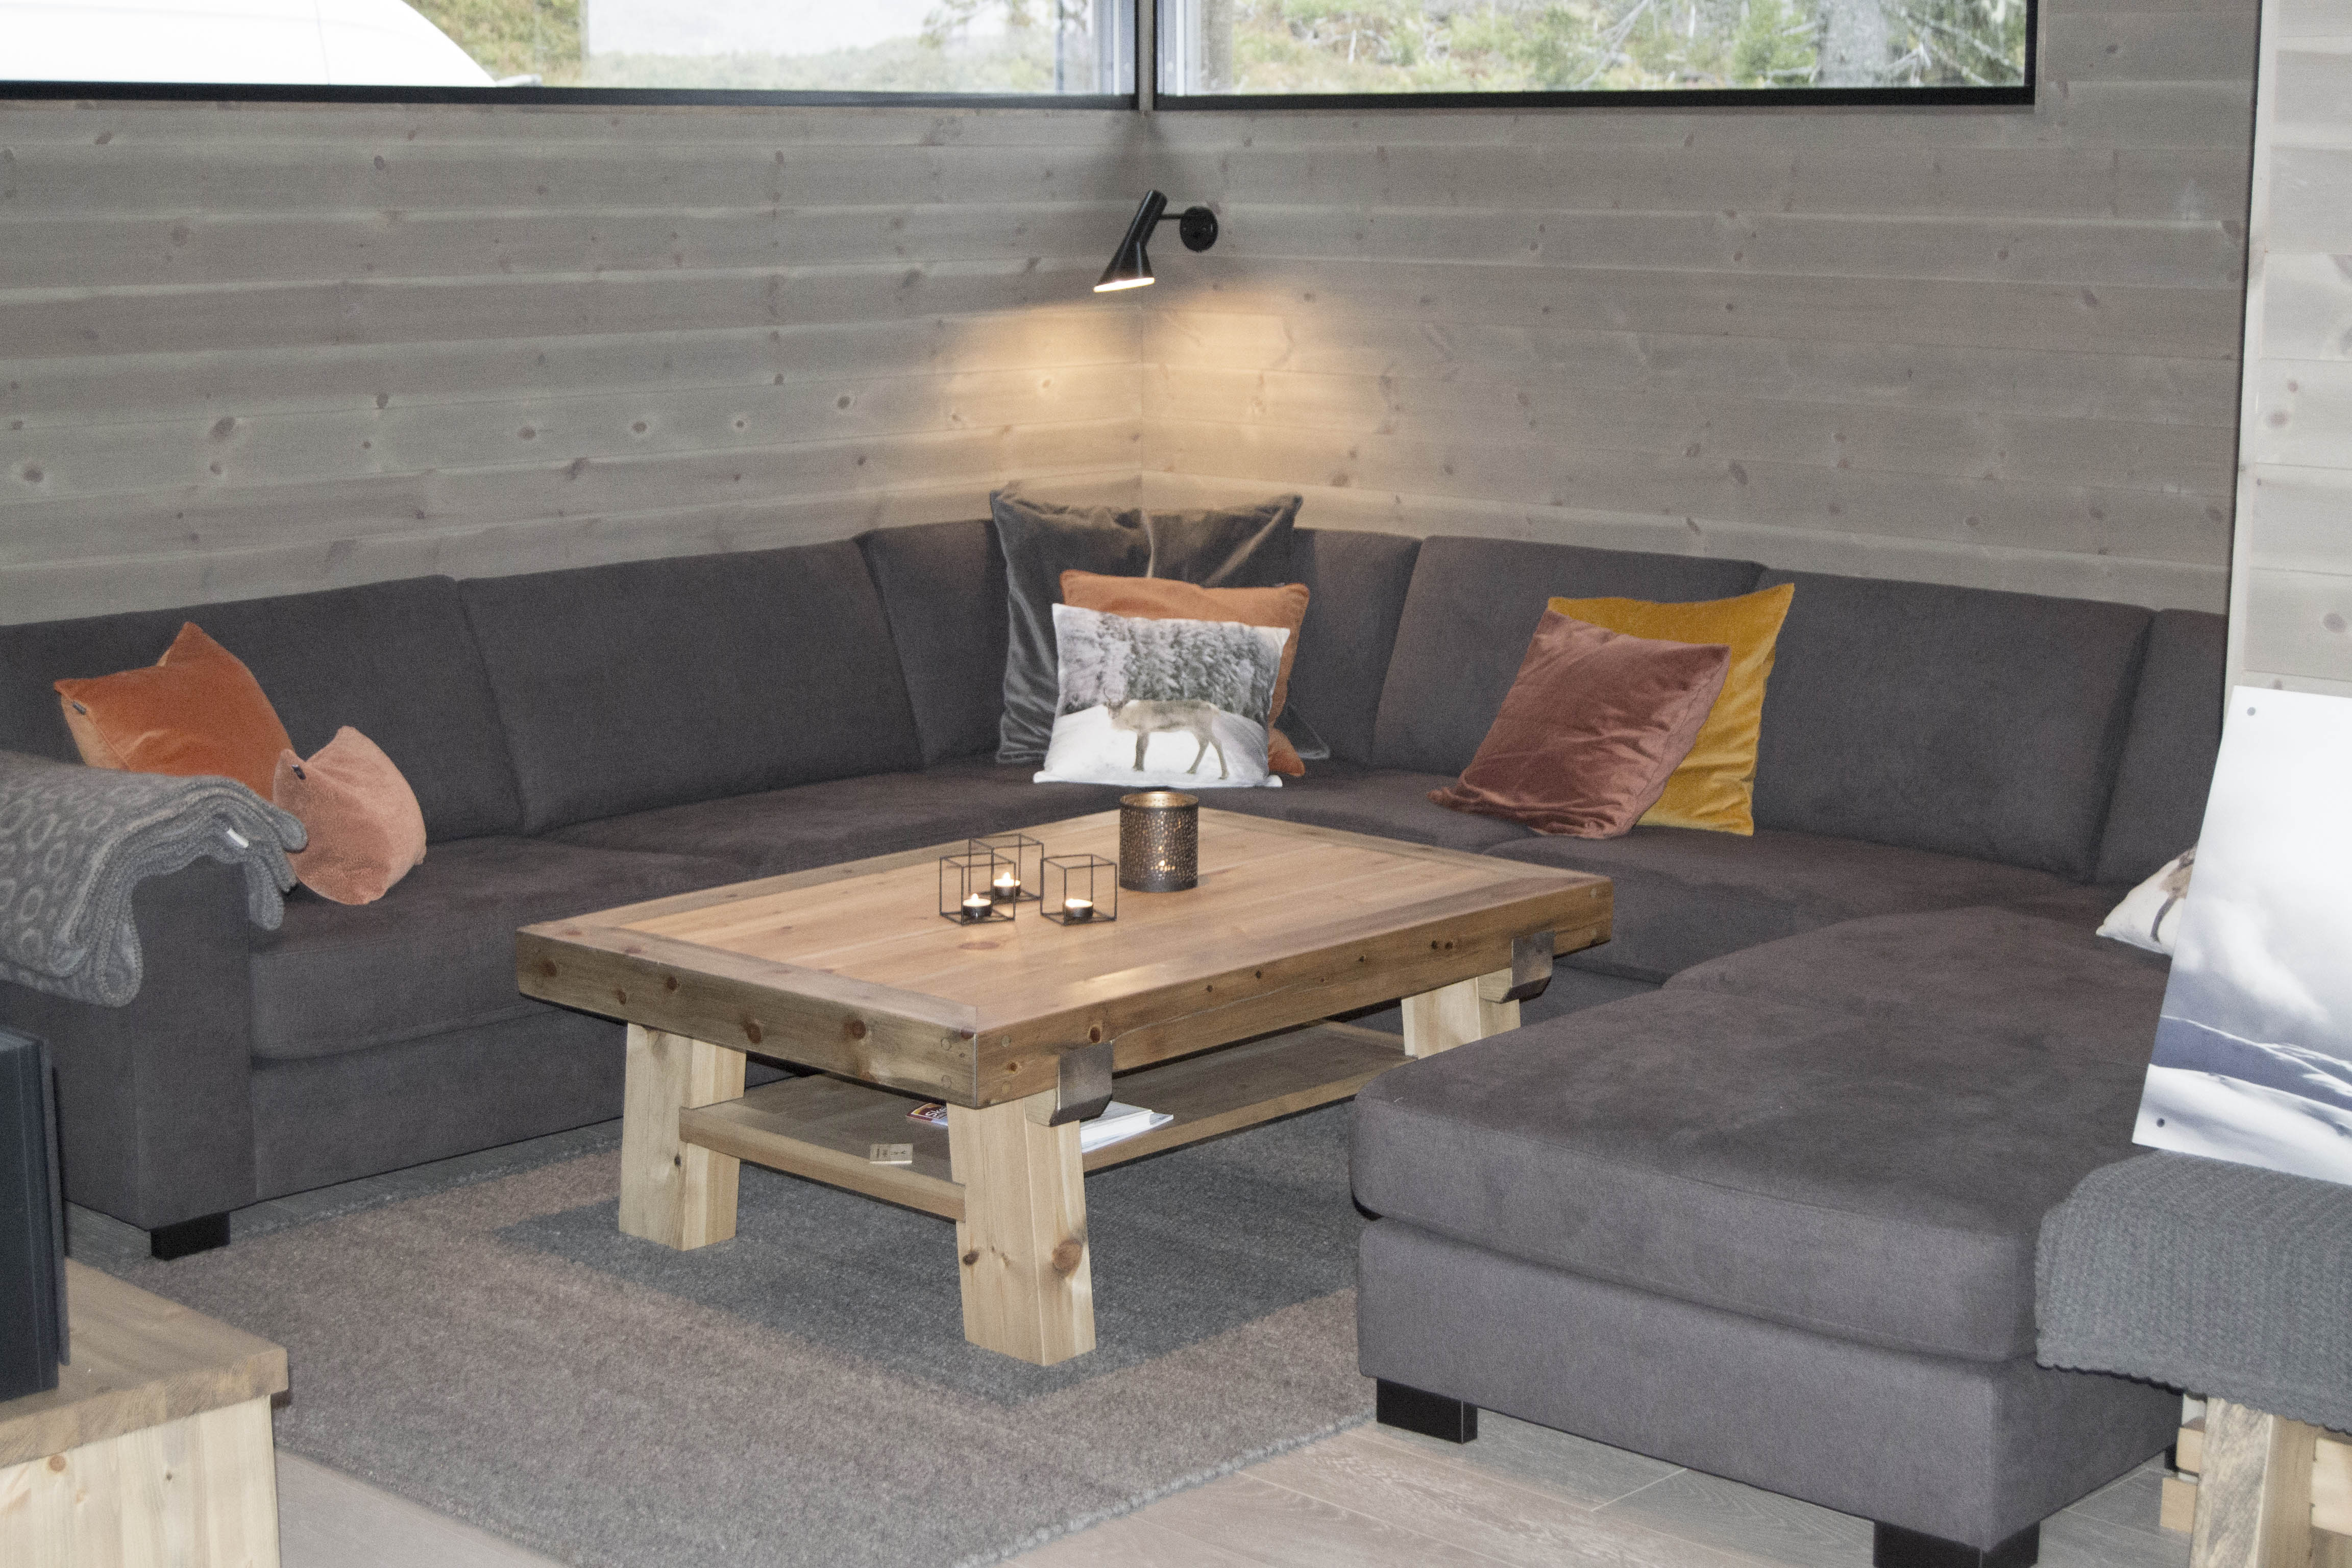 Oppdatert Målsatte hyttemøbler levert til hytte i Fåvang. Bord, seng RR-34